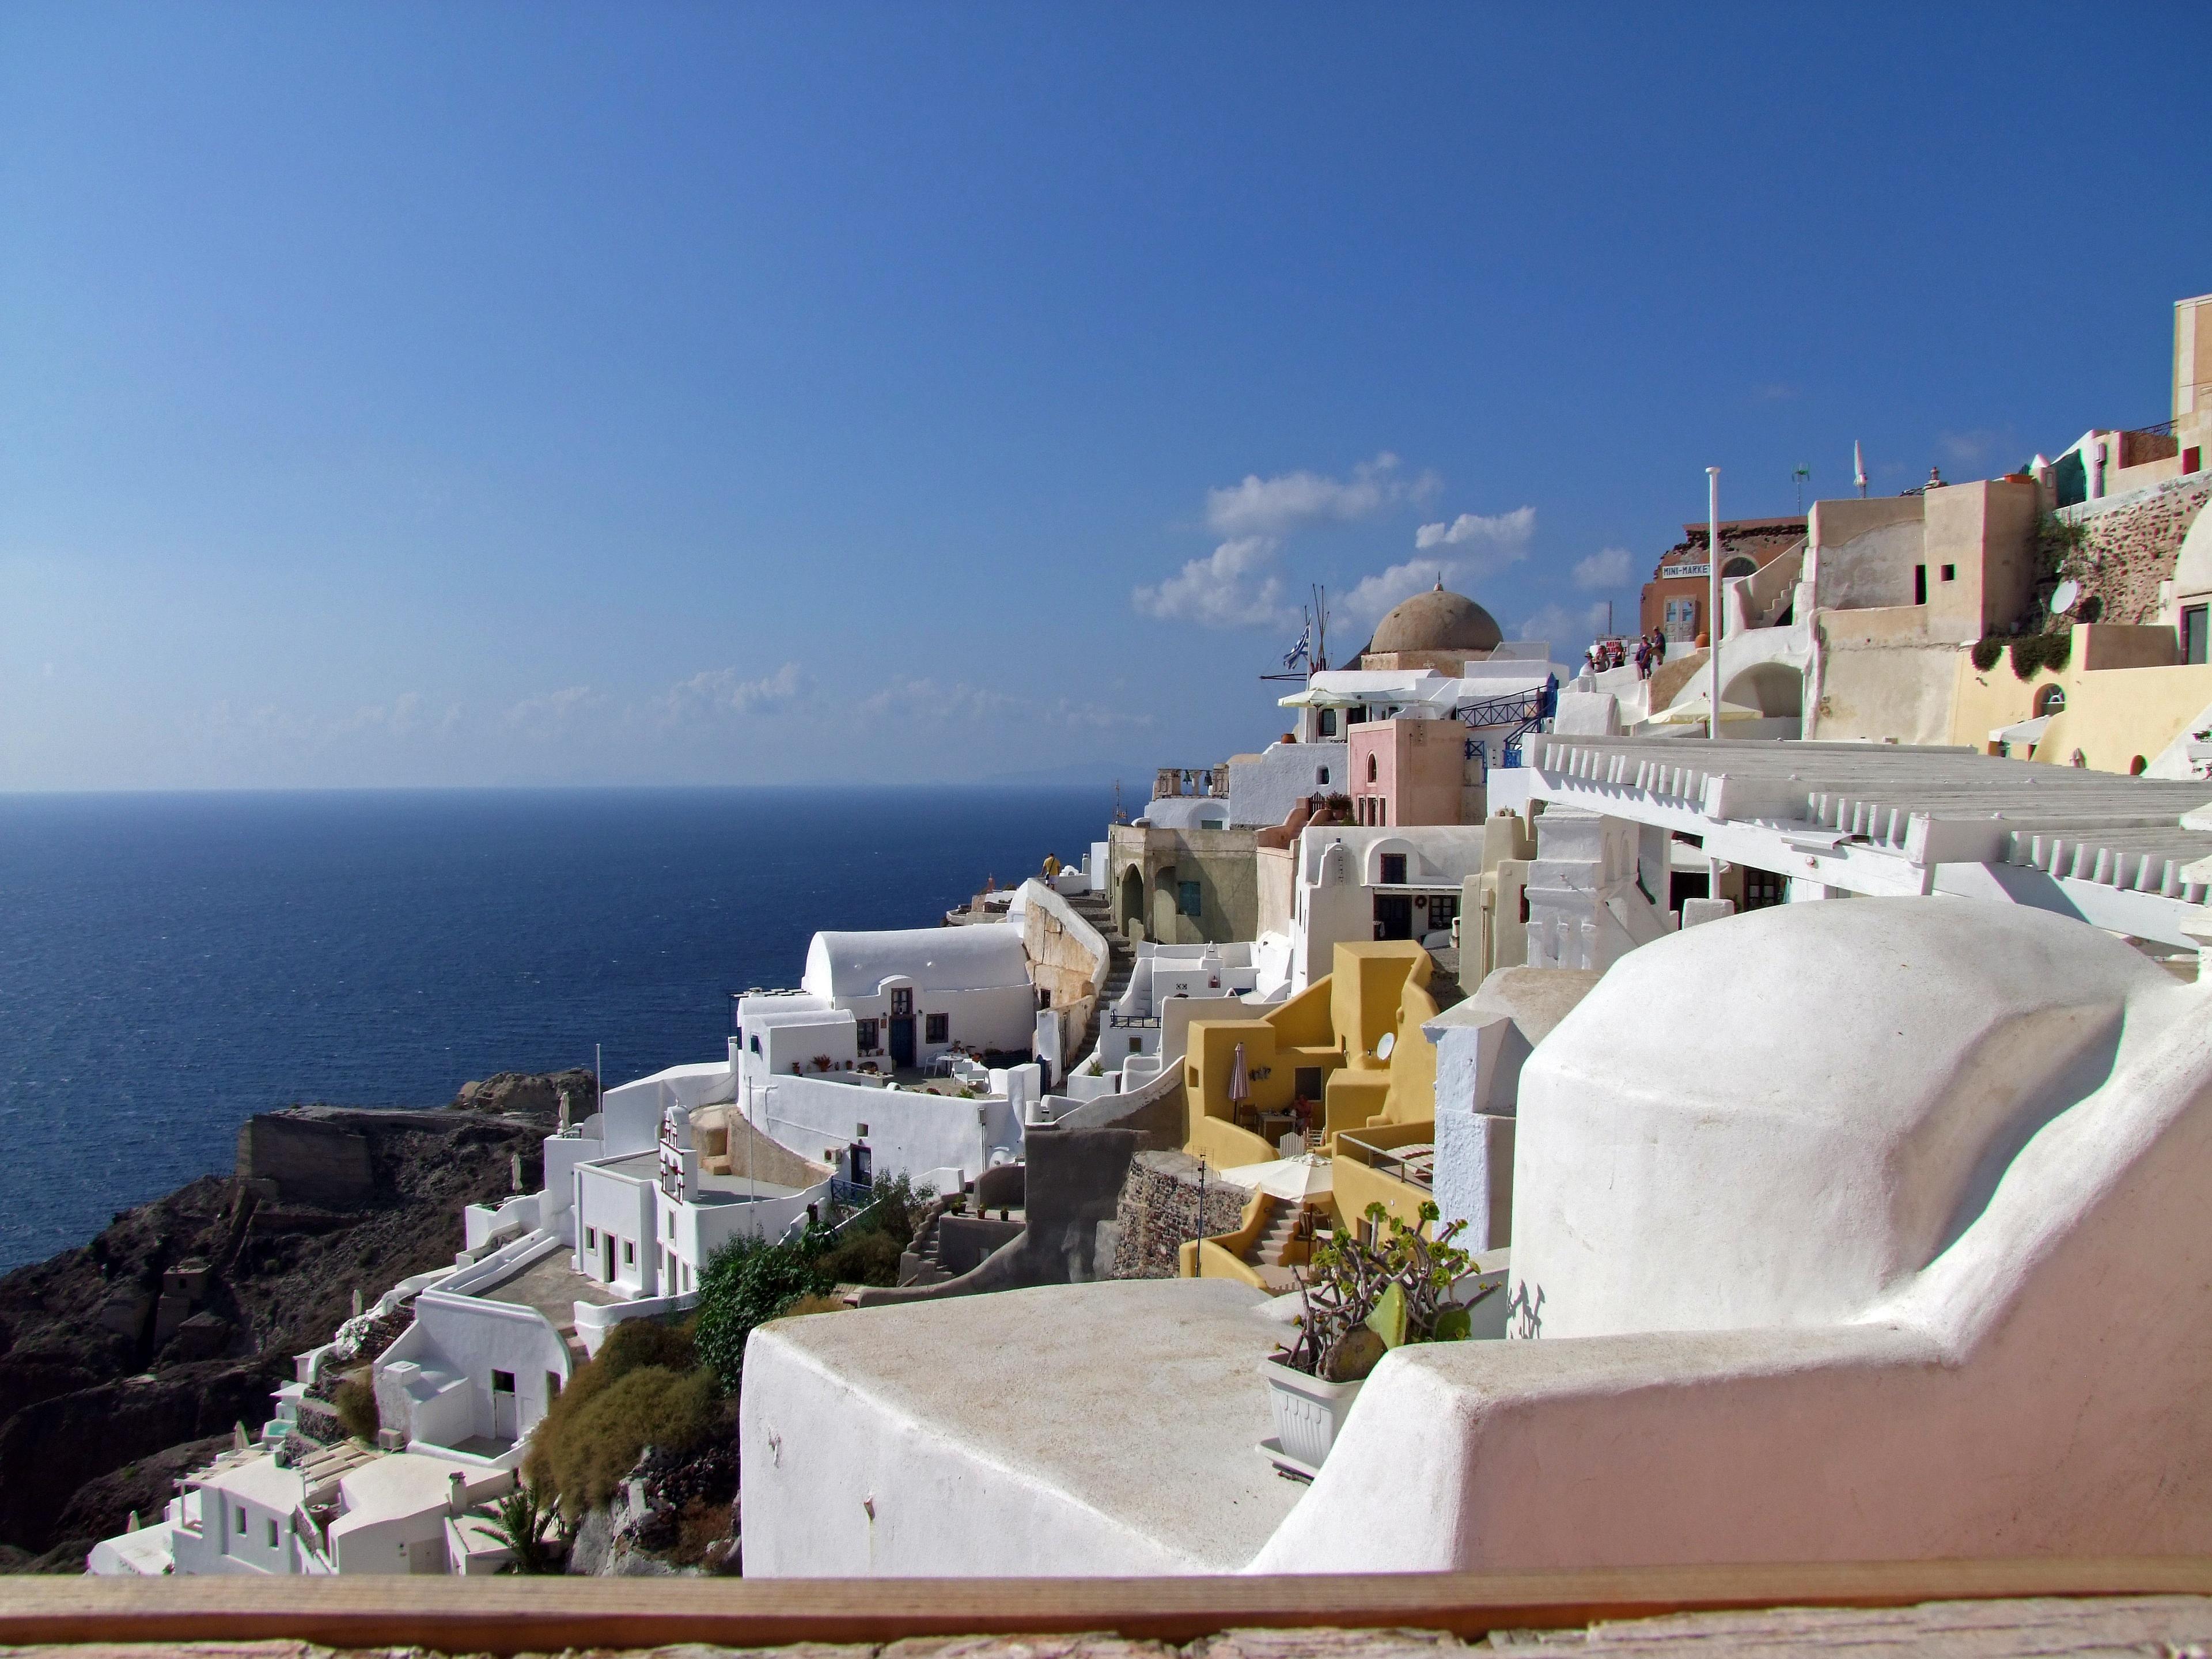 playa mar costa oceano cielo pueblo ver vacaciones alto fiesta turismo santorini hogares grecia tejados